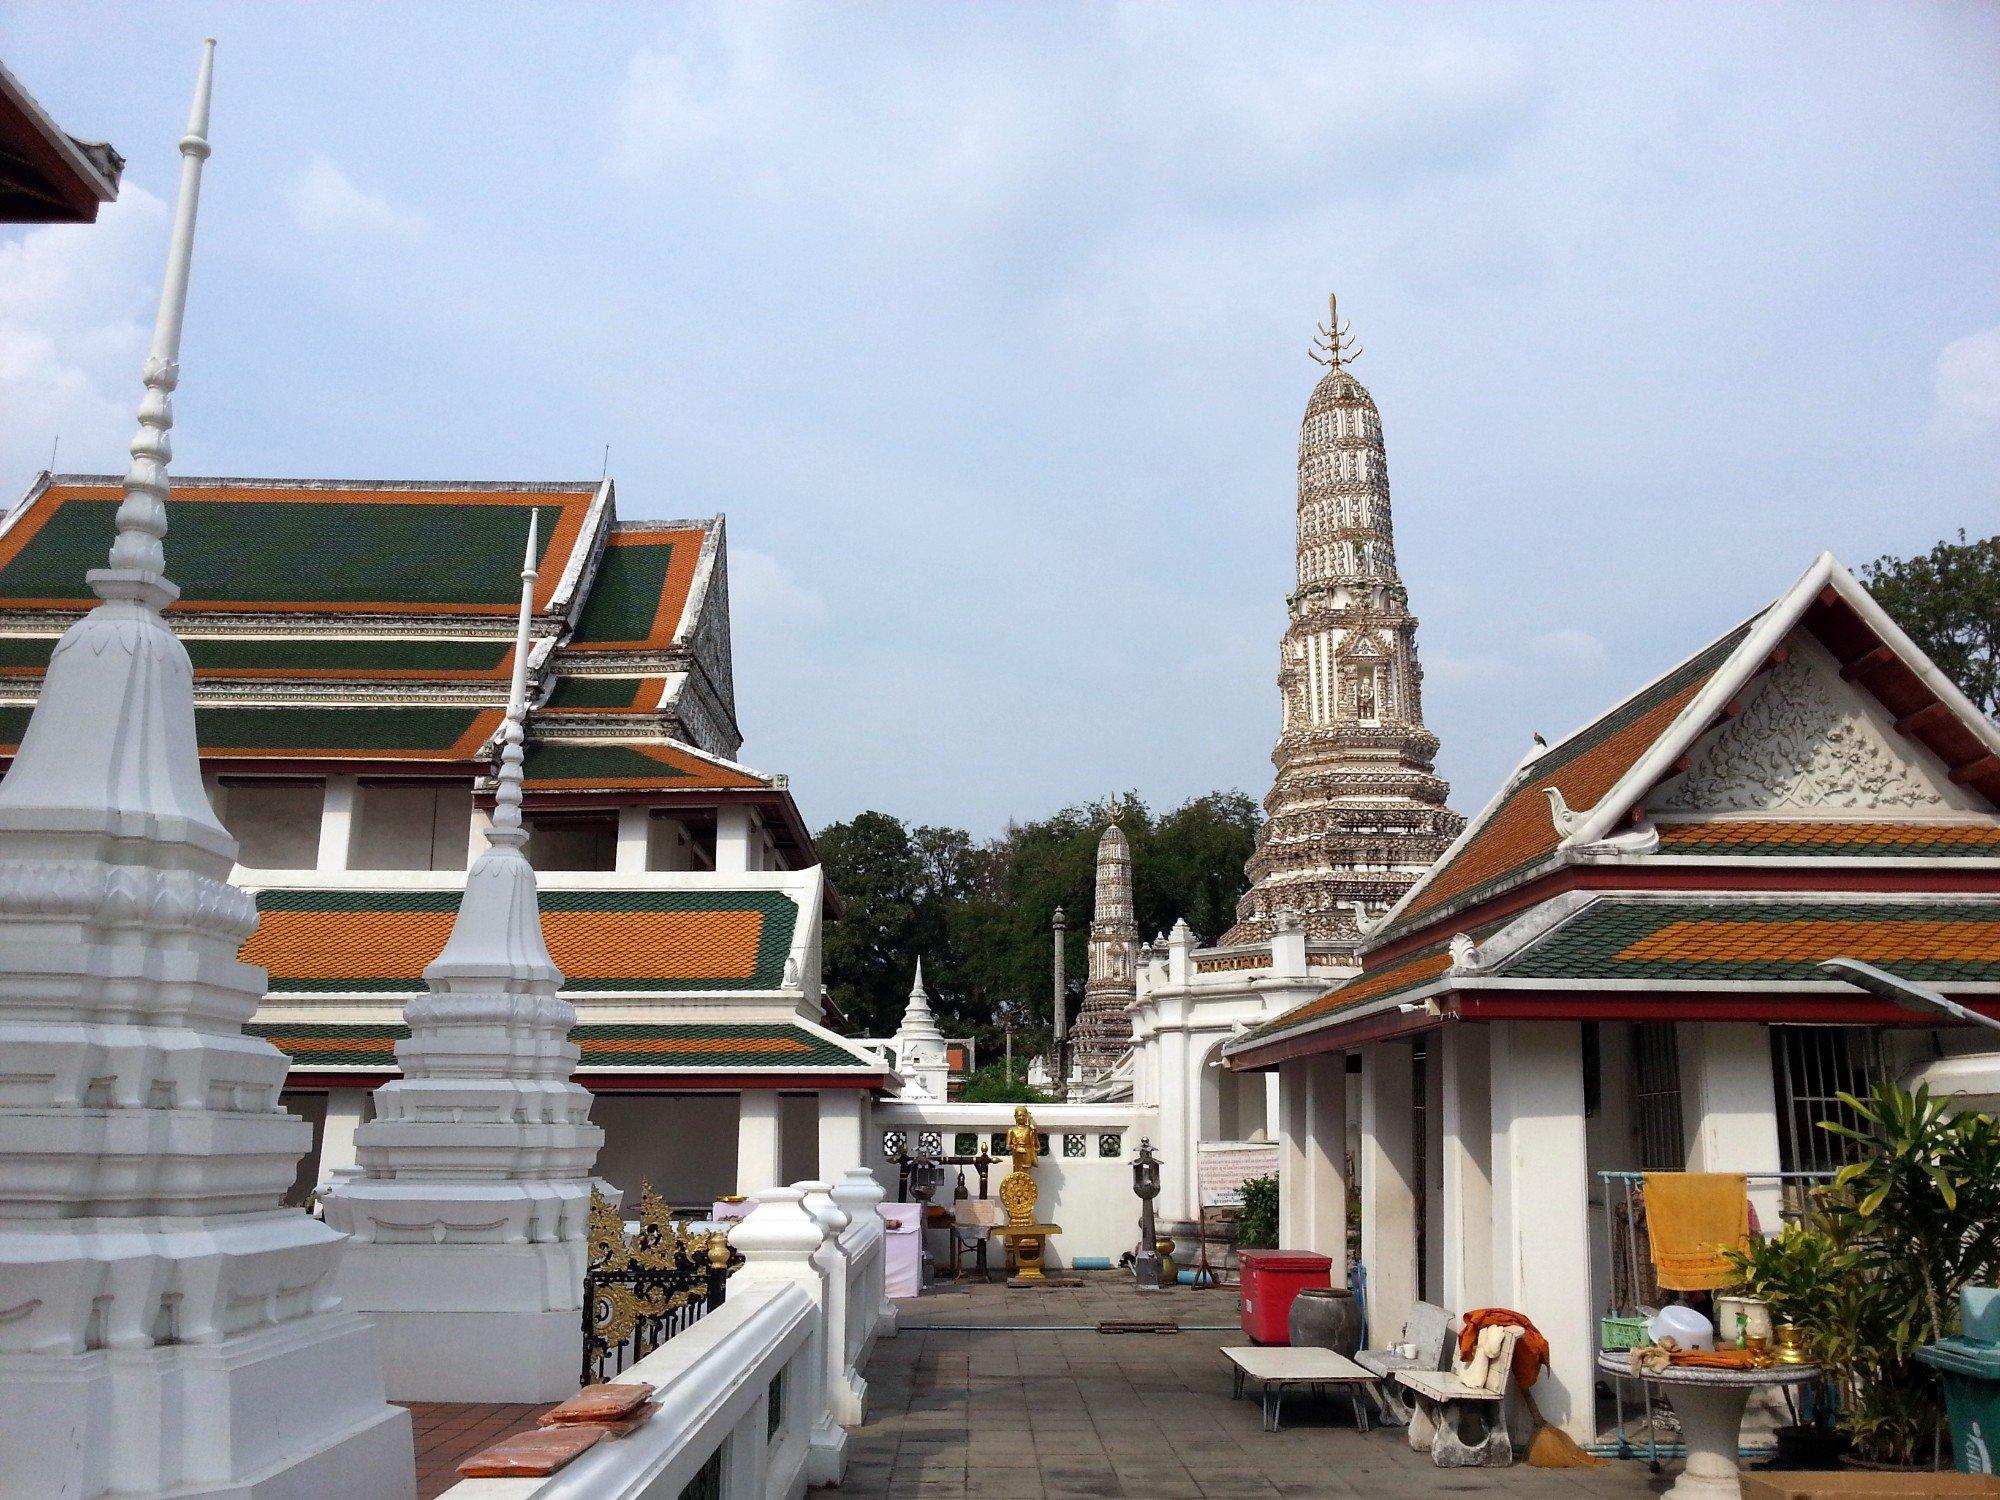 Khmer style prang at Wat Thepthidaram